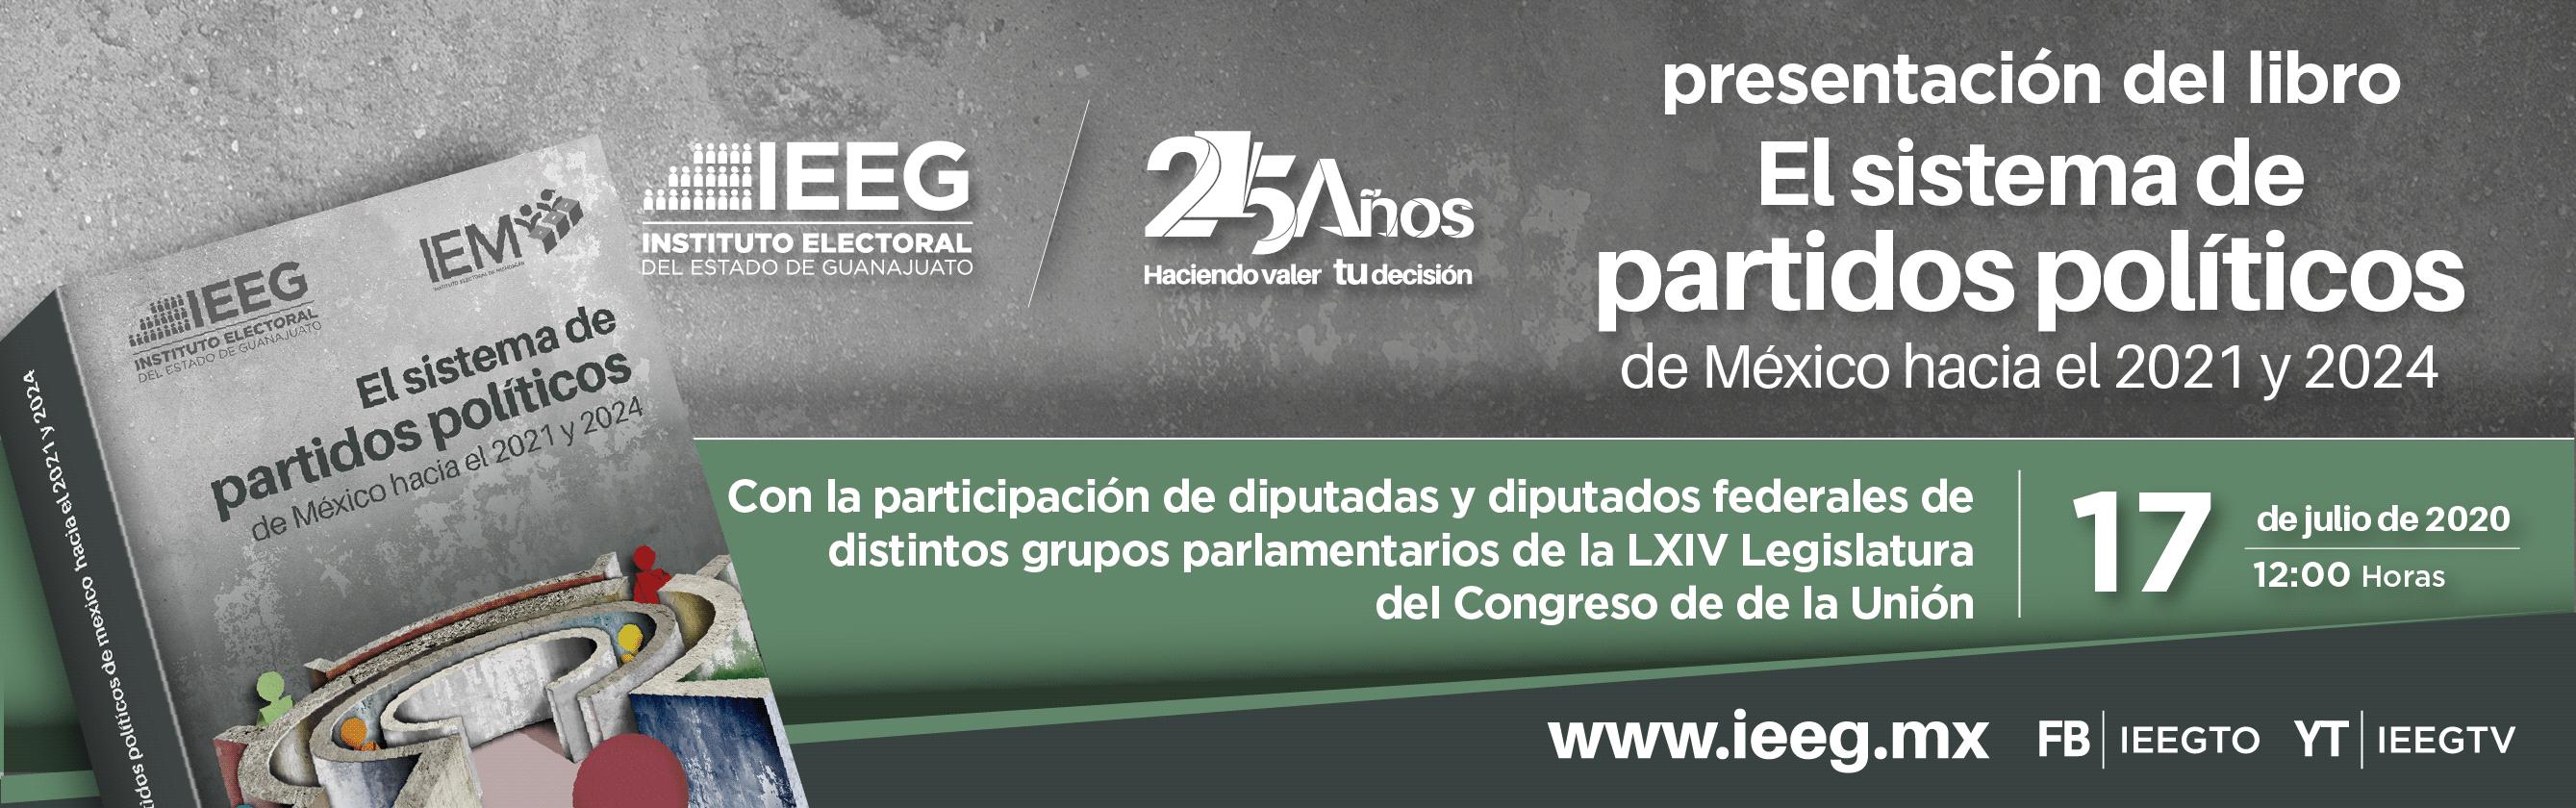 Presentación del libro el sistema de los partidos políticos de mexico hacia el 2021 y 2024. Este 17 de julio a las 12 horas a traves de nuestras redes sociales. Con la participacion de diputadas y diputados federales de distintos grupos parlamentarios de la LXIV legislatura del congreso de la union.